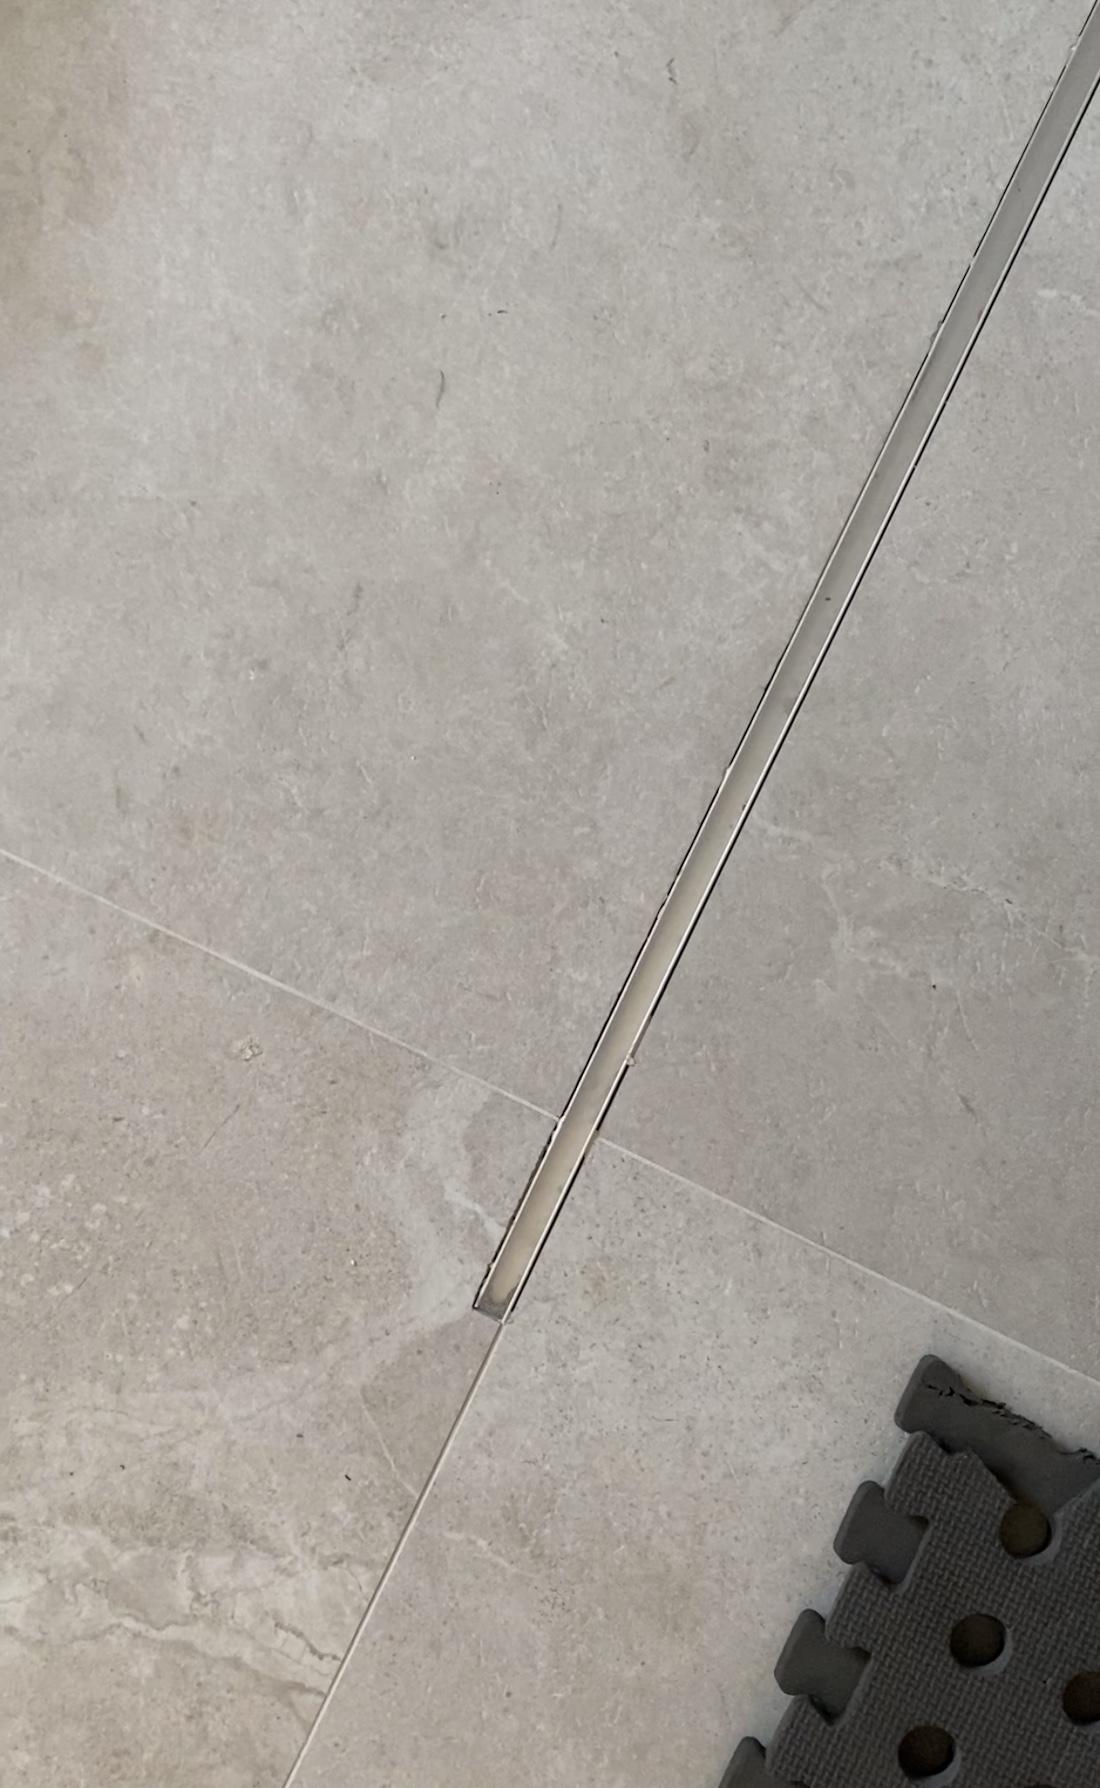 C channel in floor